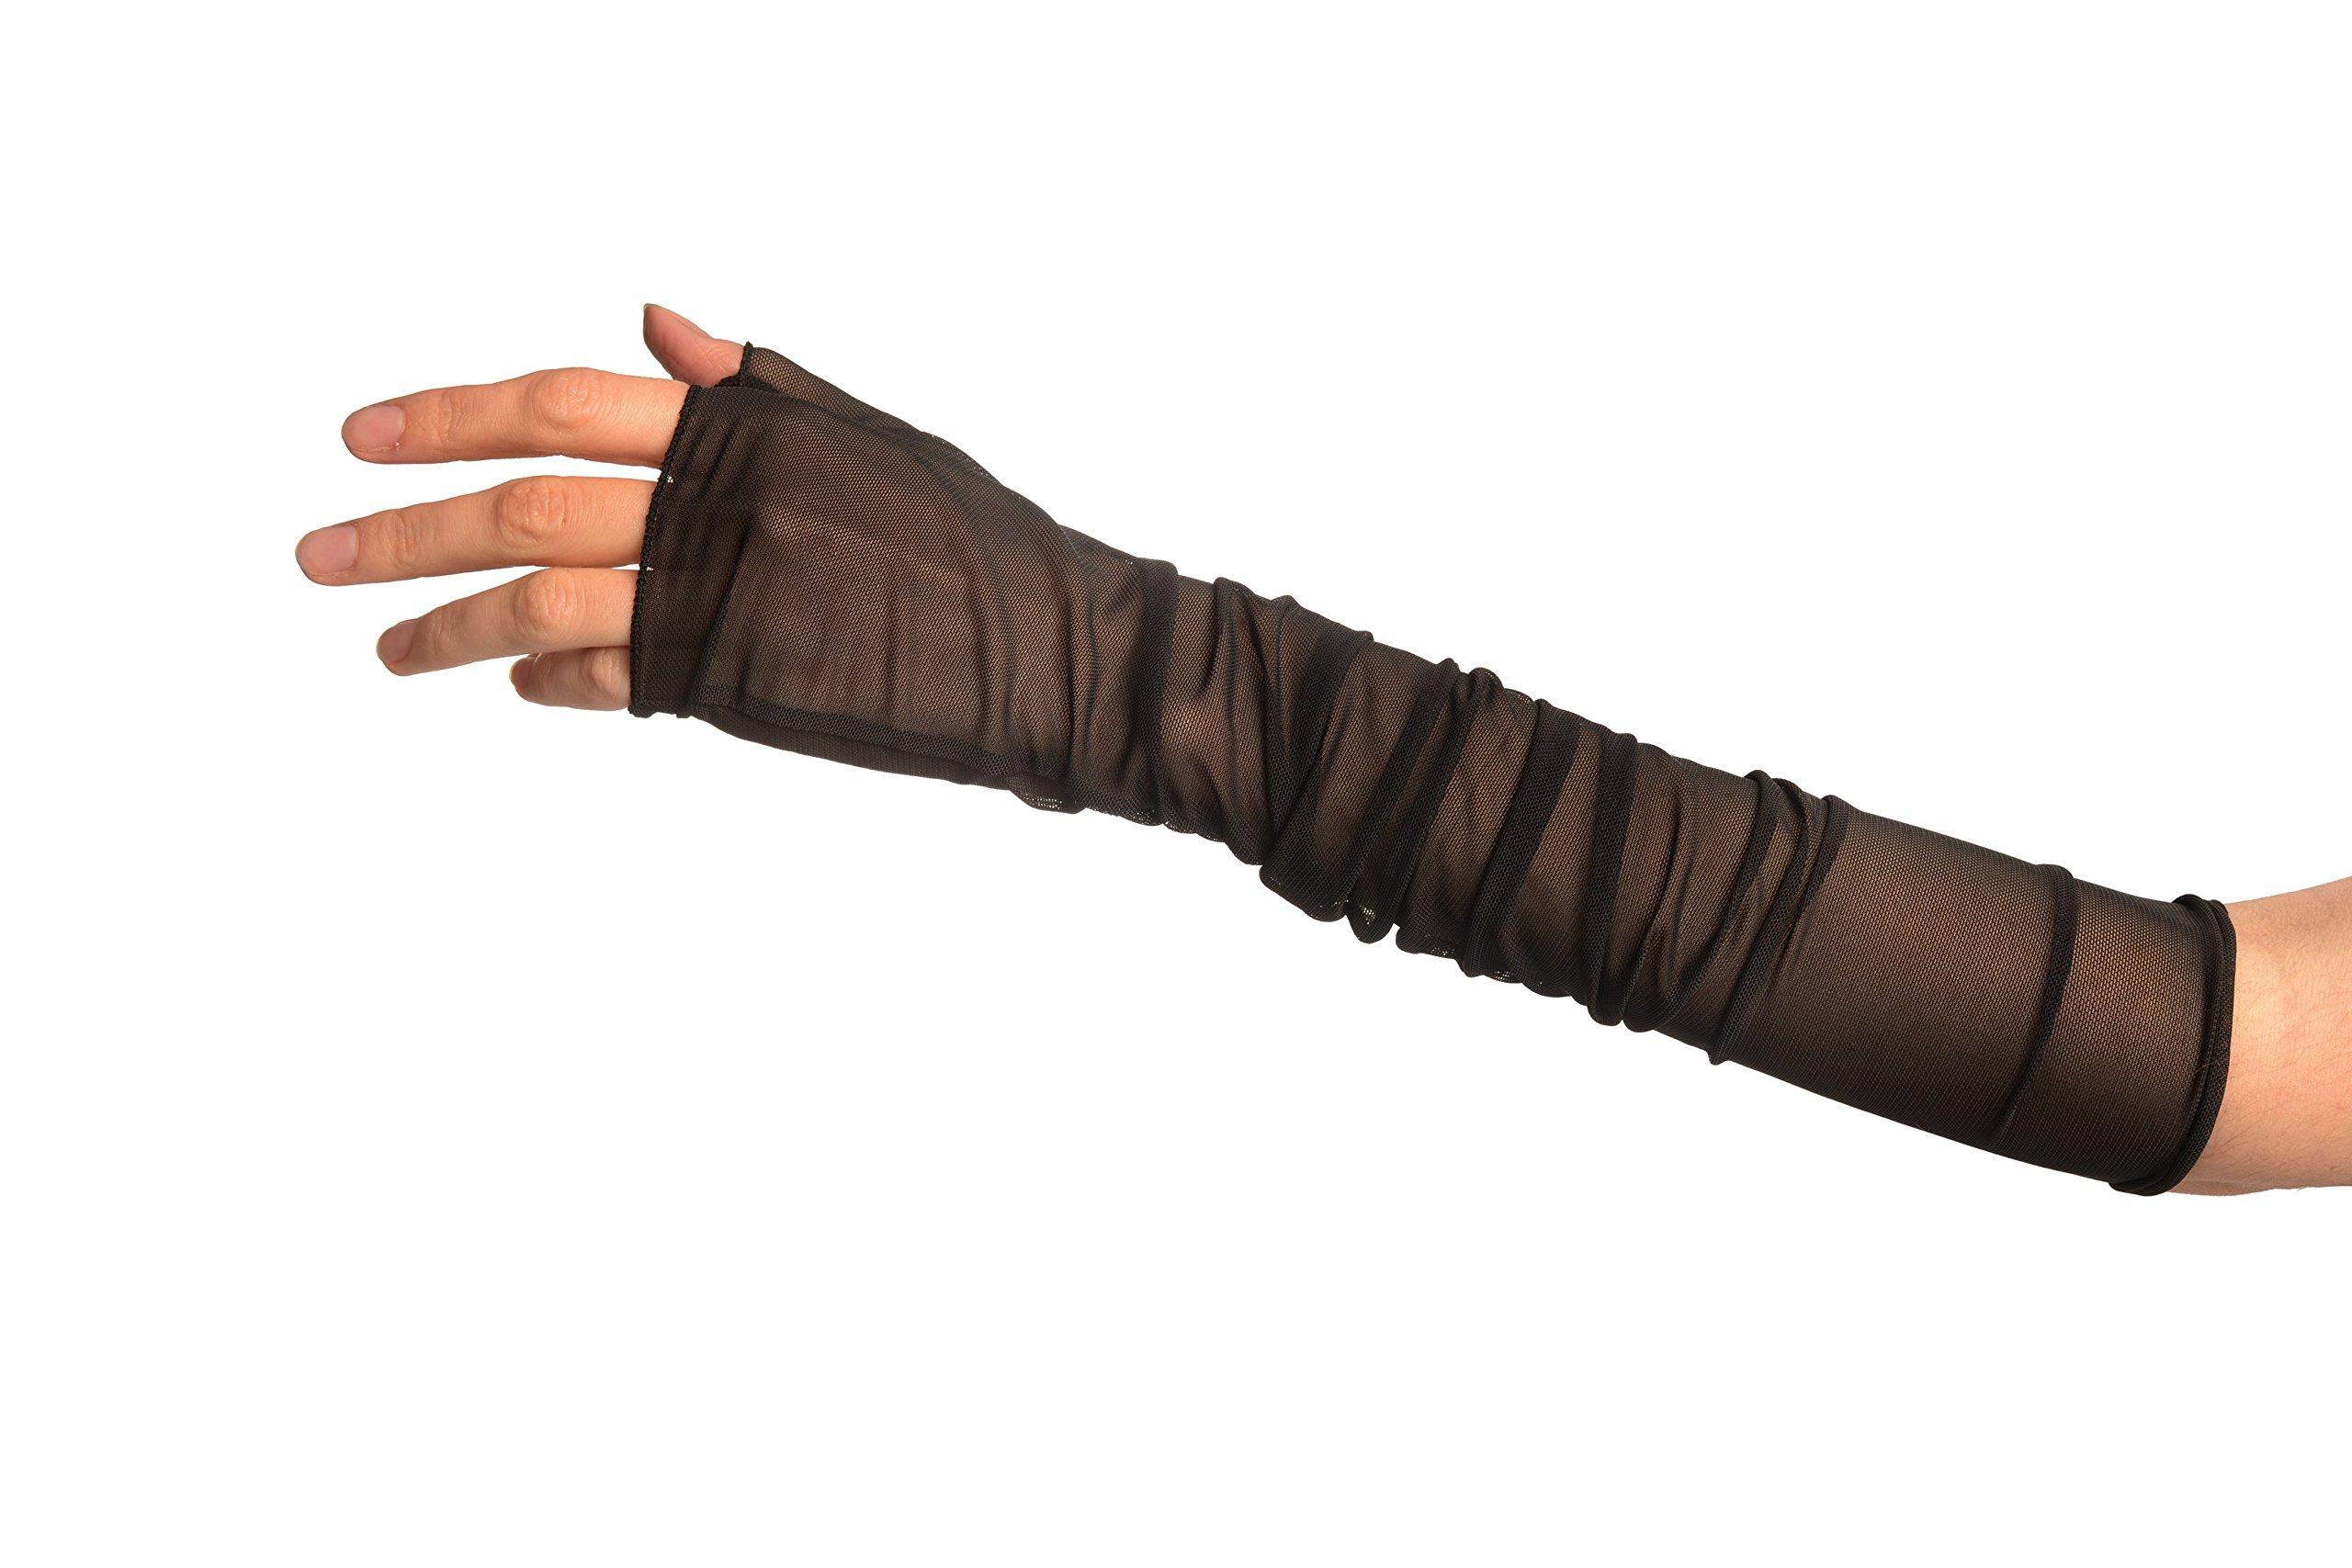 Black Fine Mesh Ballet/Dance Elbow Fingerless Gloves - Gloves by LissKiss (Image #2)